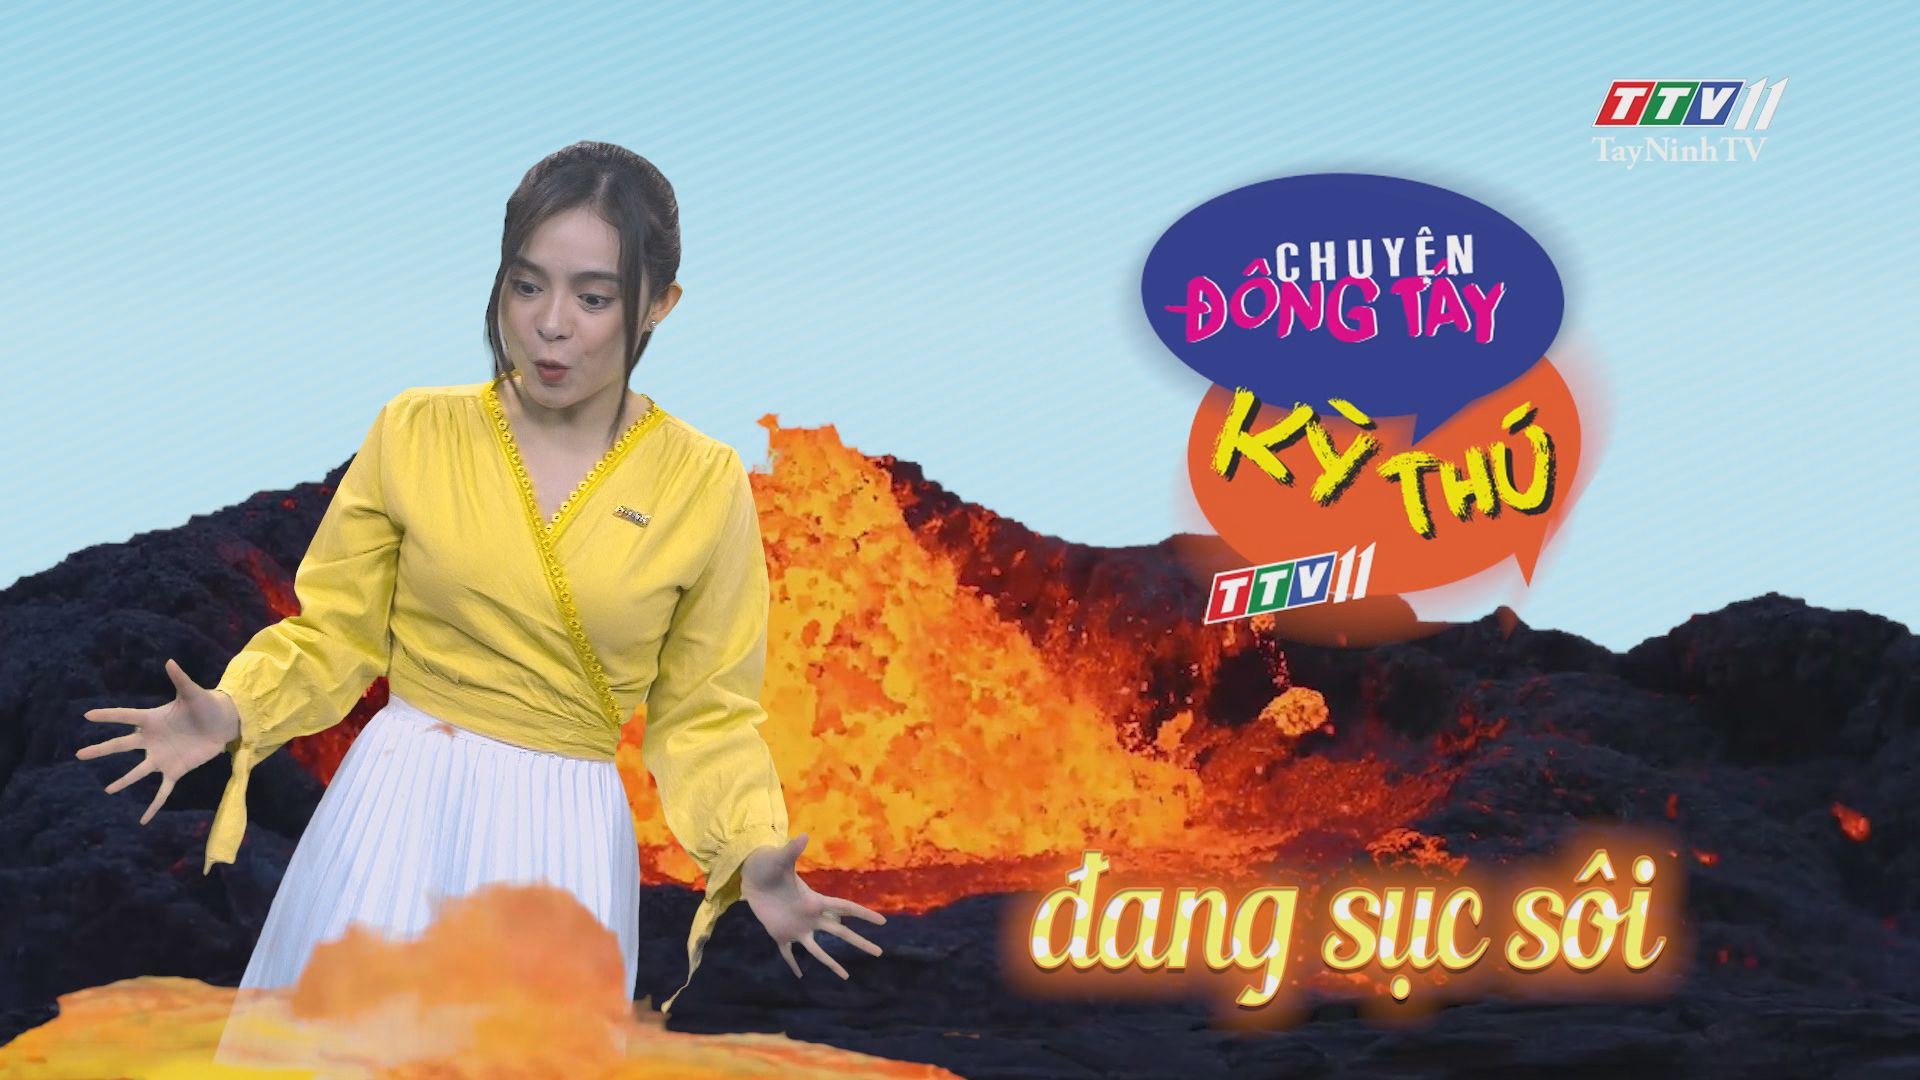 Chuyện Đông Tây Kỳ Thú 18-5-2020 | TayNinhTV